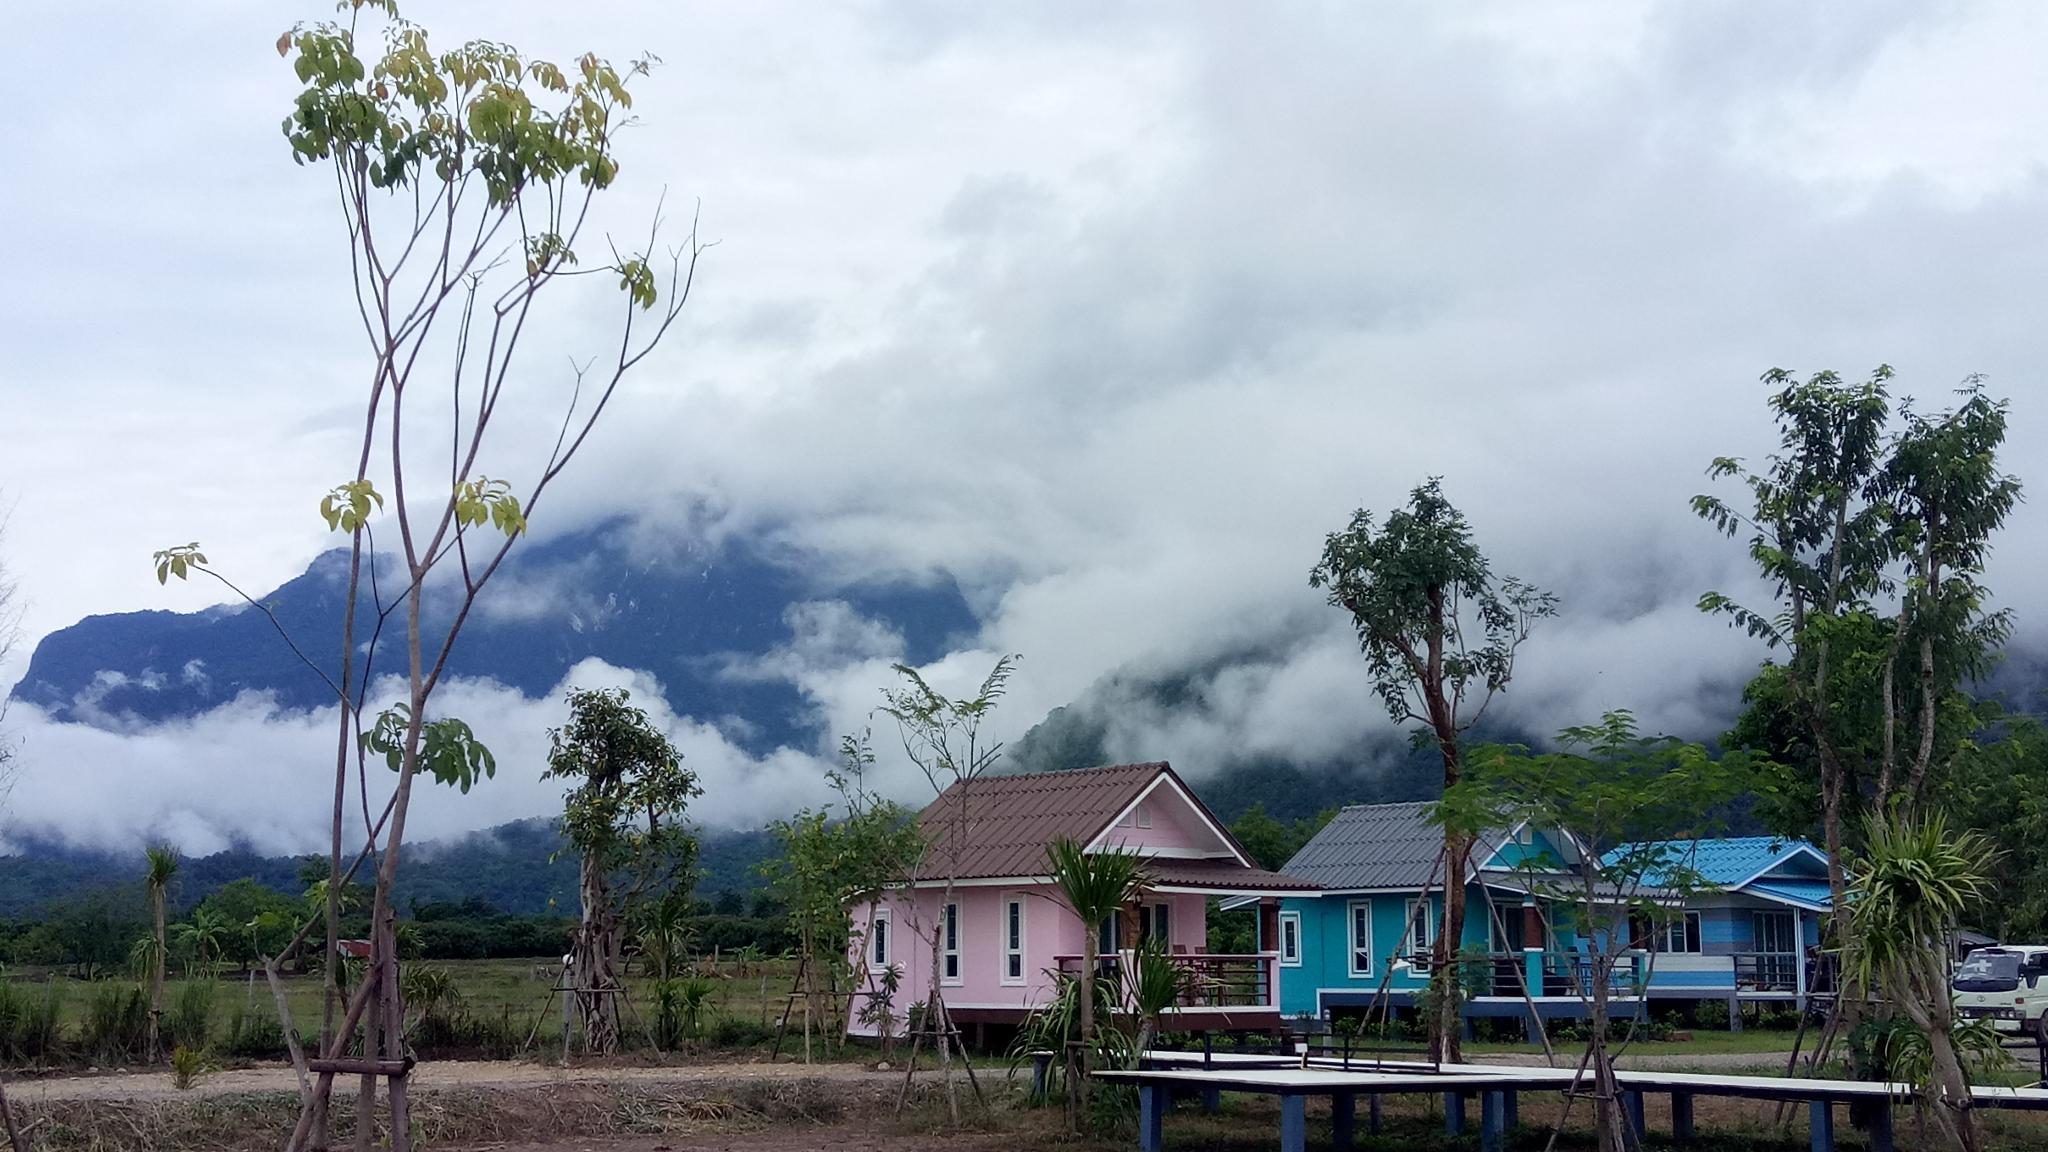 Ban Thung Talay Mok Chiangdao Ban Thung Talay Mok Chiangdao